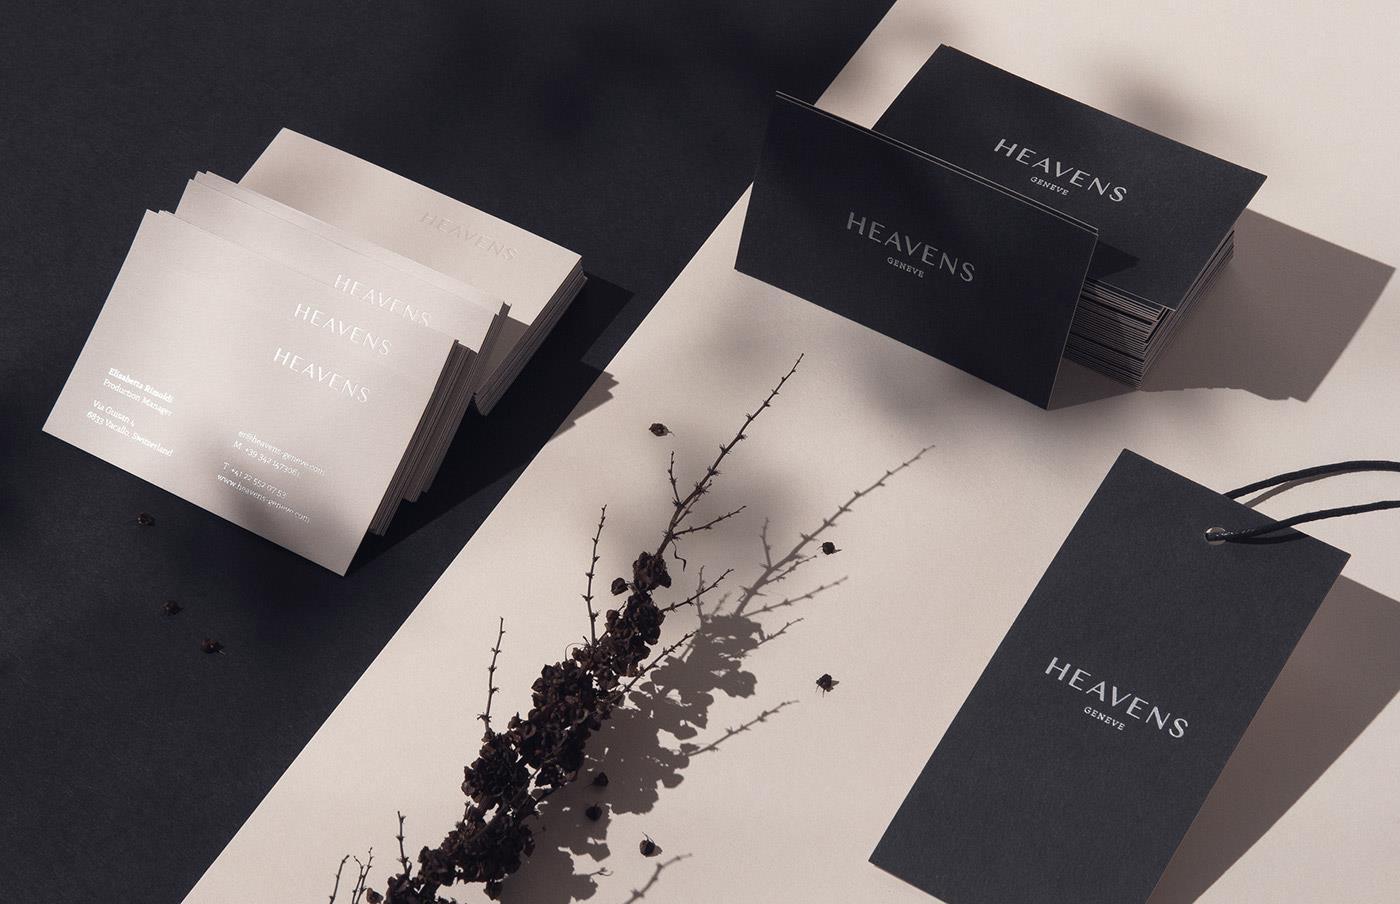 heavens高档服装品牌设计案例